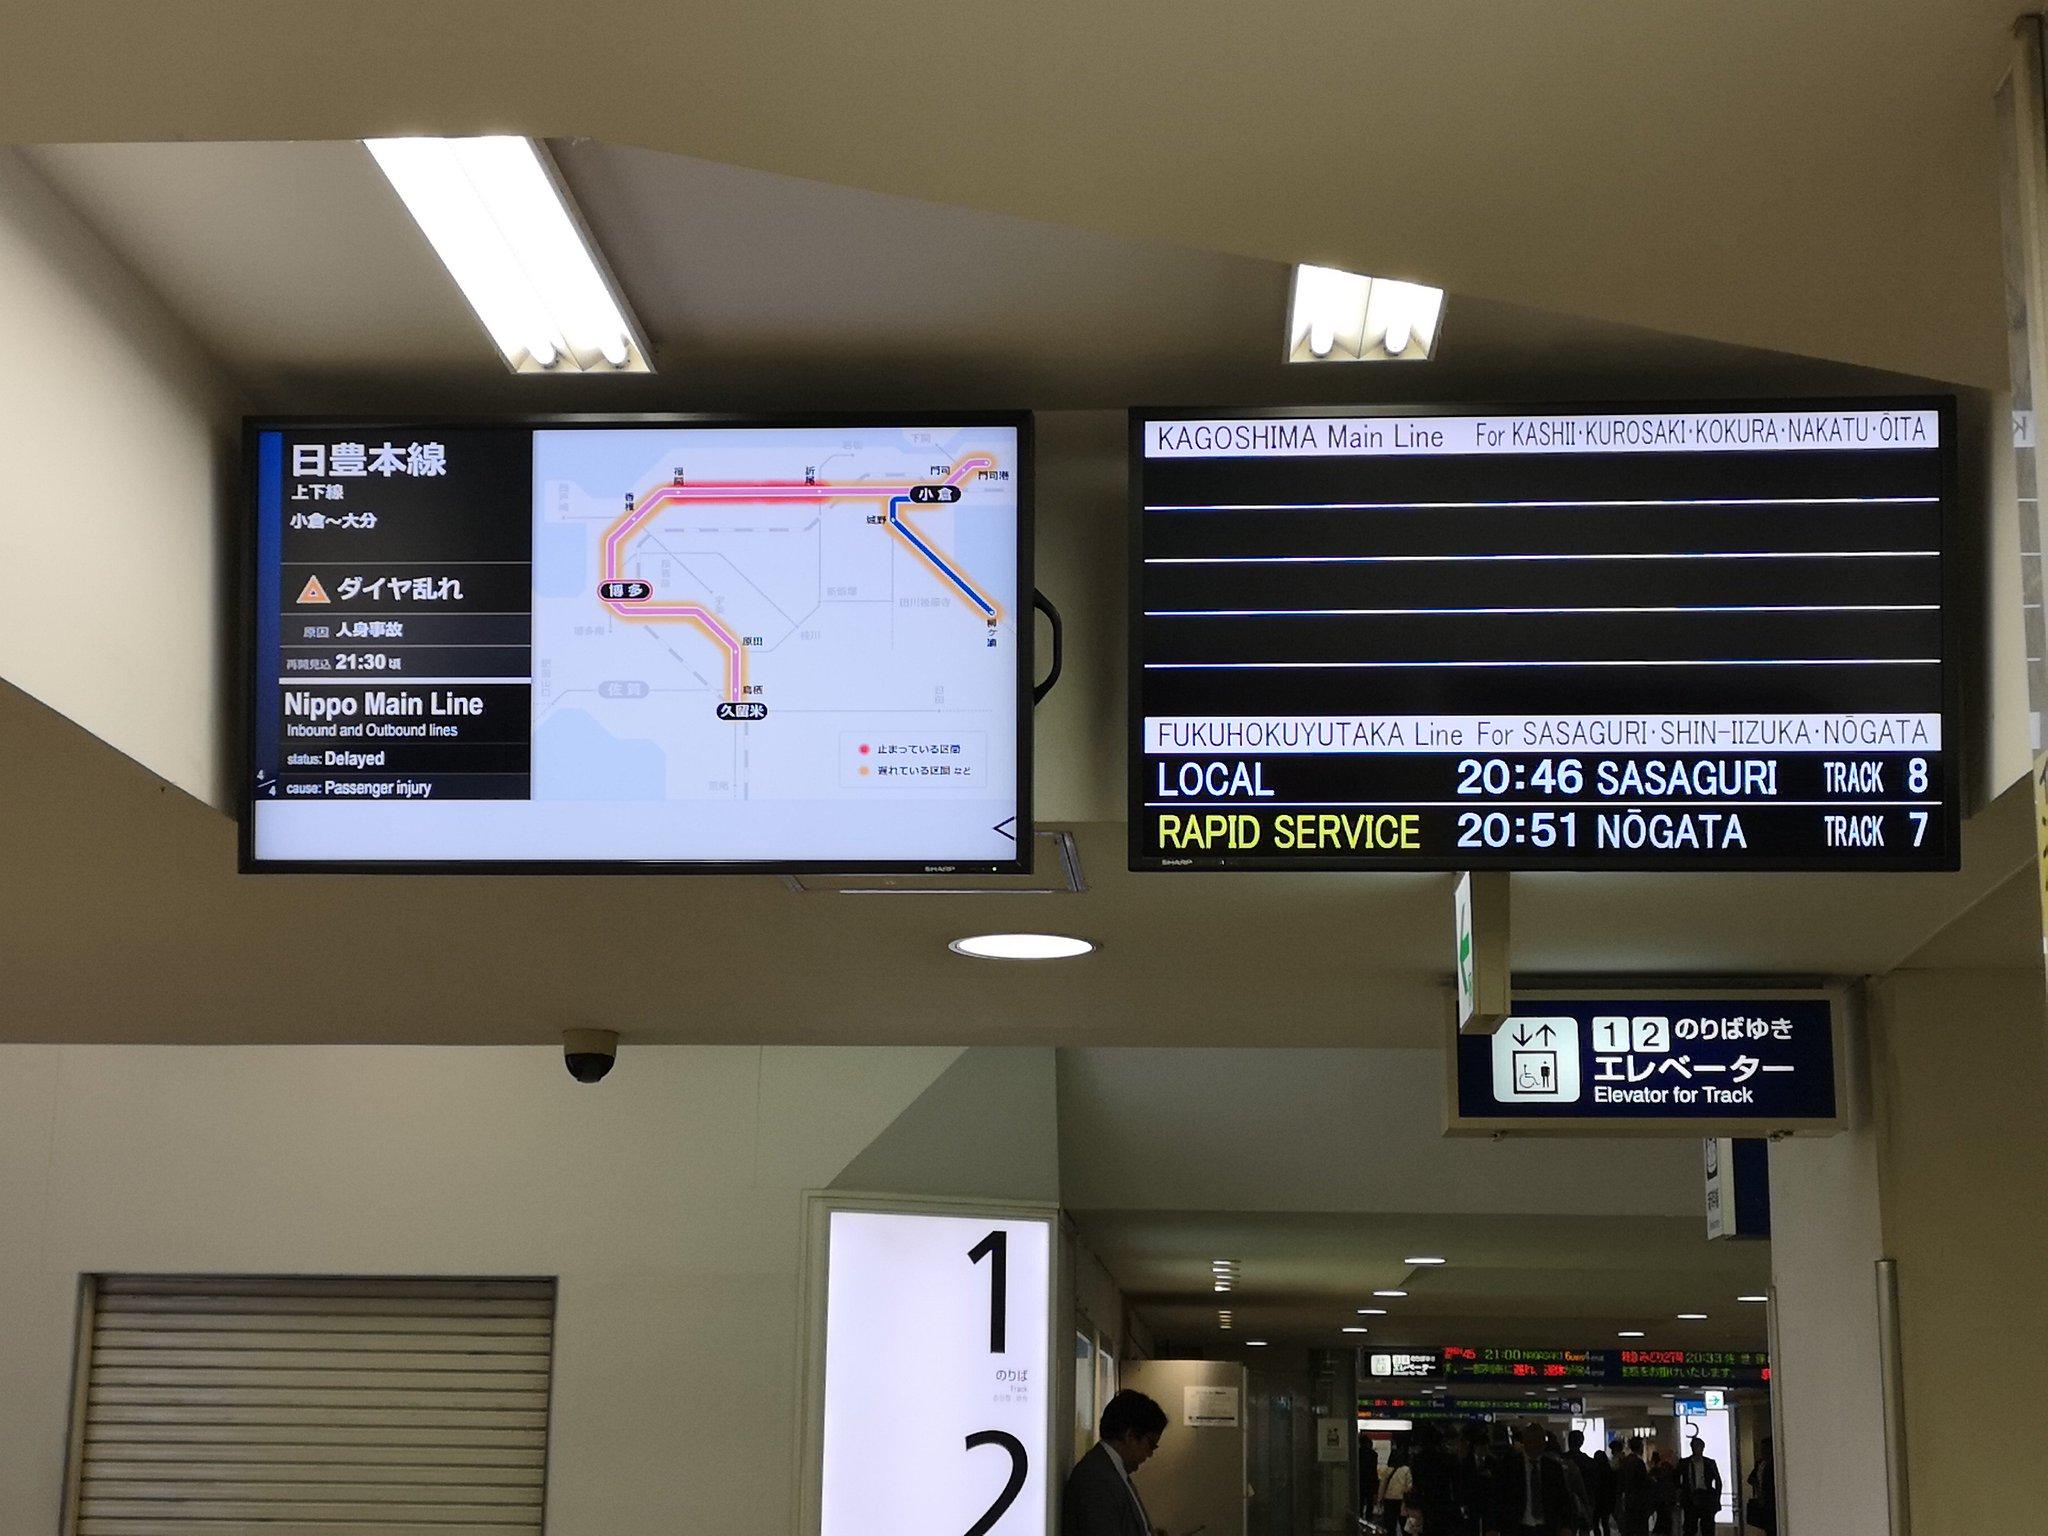 画像,誕生日当日忘れてネイル予約入れてしまい、早めに終わったから急いで博多駅向かったら人身事故で運転見合わせやん( ´Д`)当の本人も電車の中で動けんみたいやし、再開…